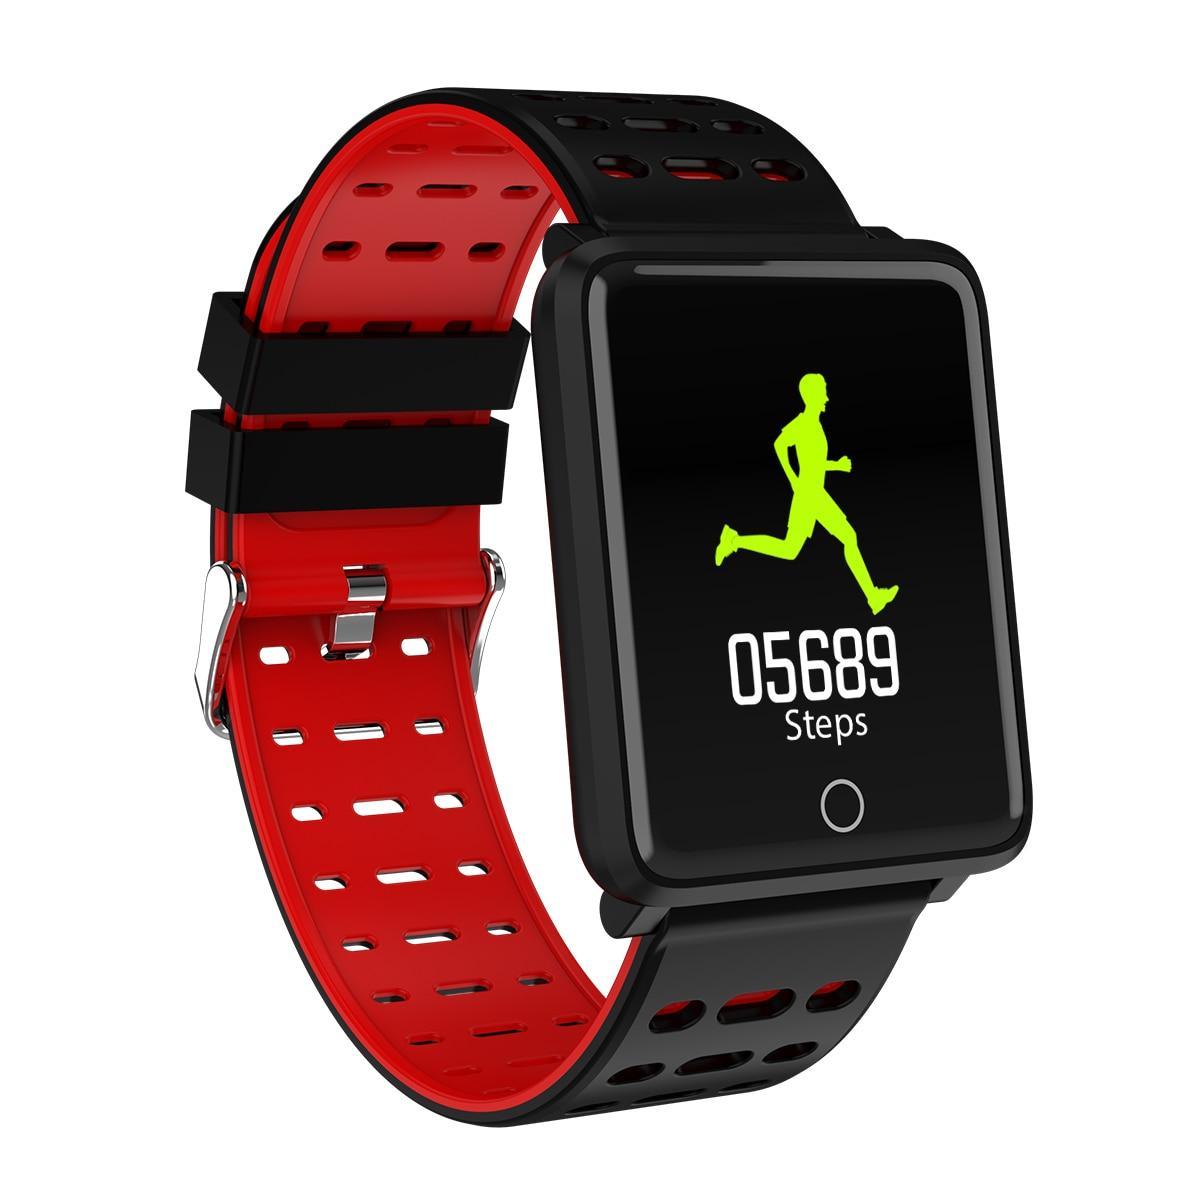 Водонепроницаемые Умные часы F3 Smart watch (пульс, давление, шагомер, калории, управление)